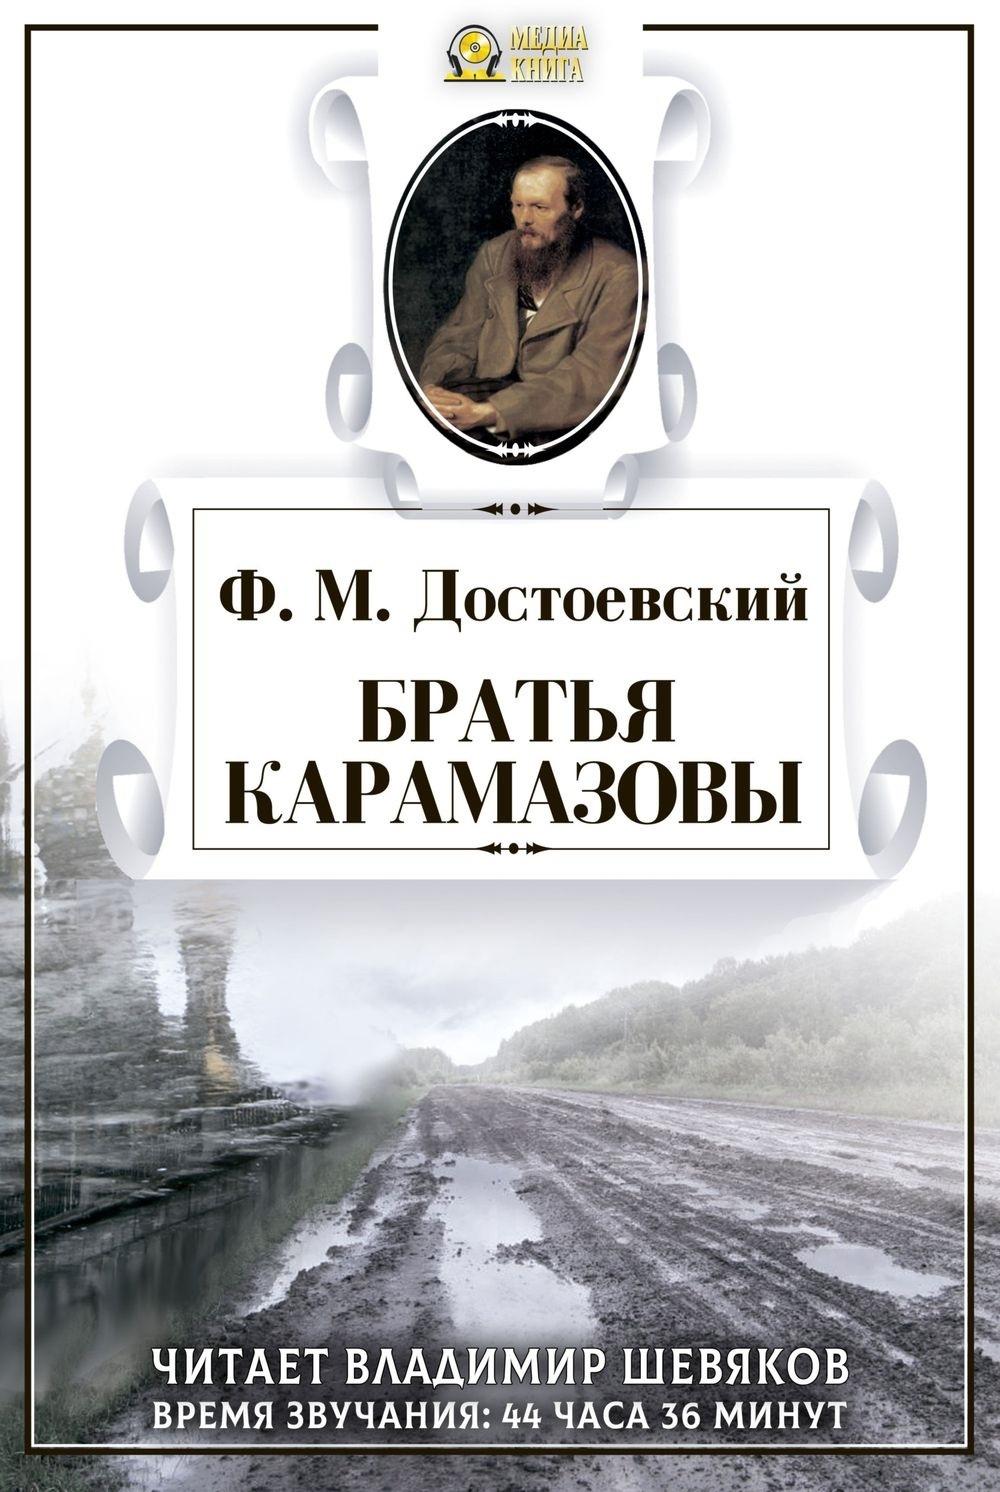 Федор Достоевский Братья Карамазовы dostoevsky f the karamazov brothers братья карамазовы роман